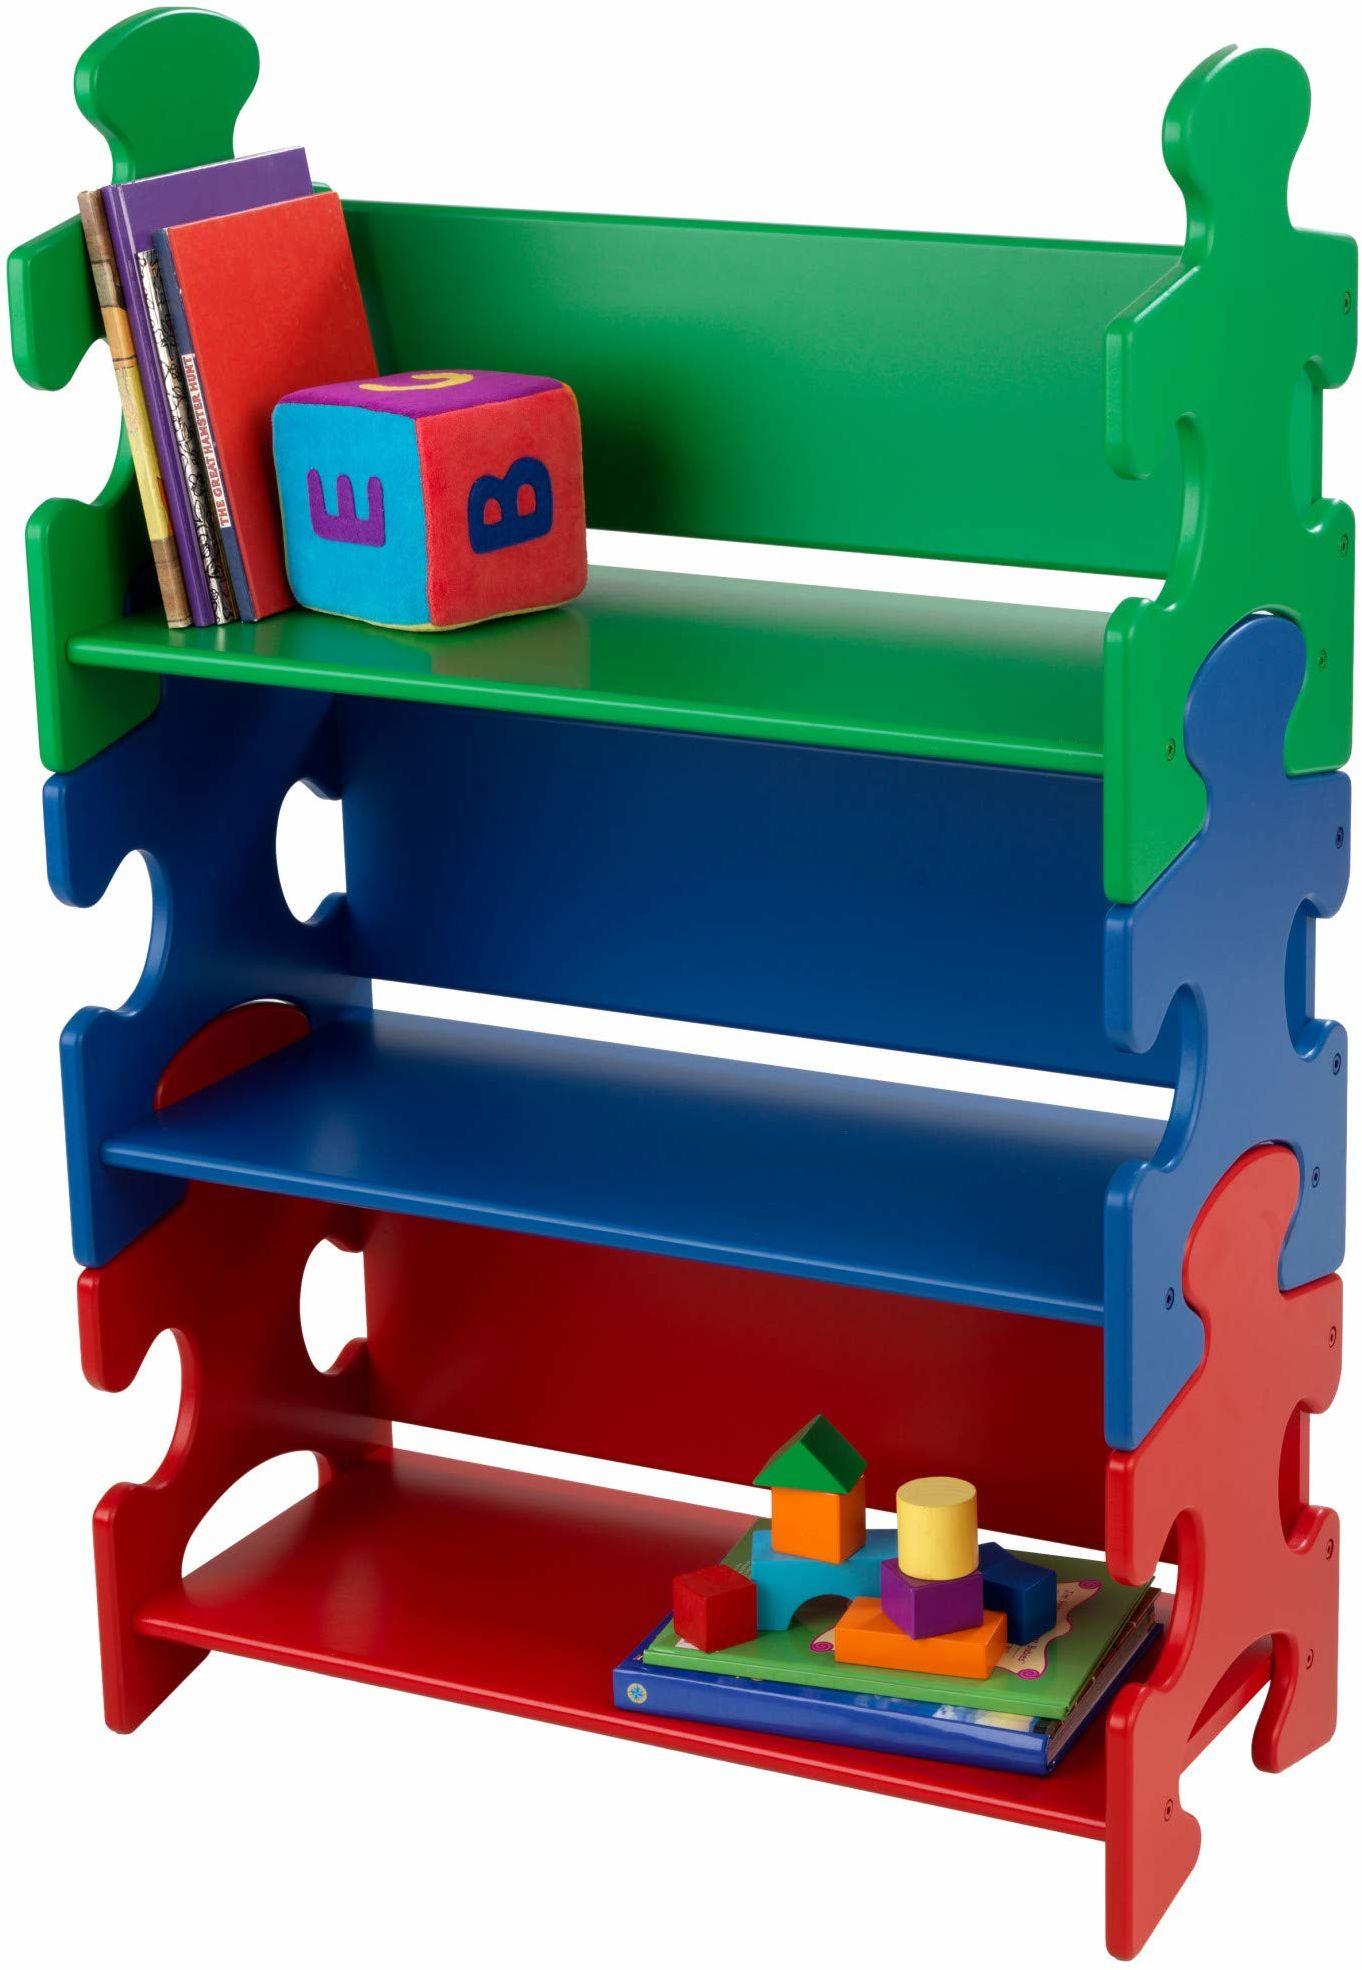 KidKraft regał na książki drewniany dla dzieci, MDF, kolorowy, 84,00 x 30,00 x 74,00 cm